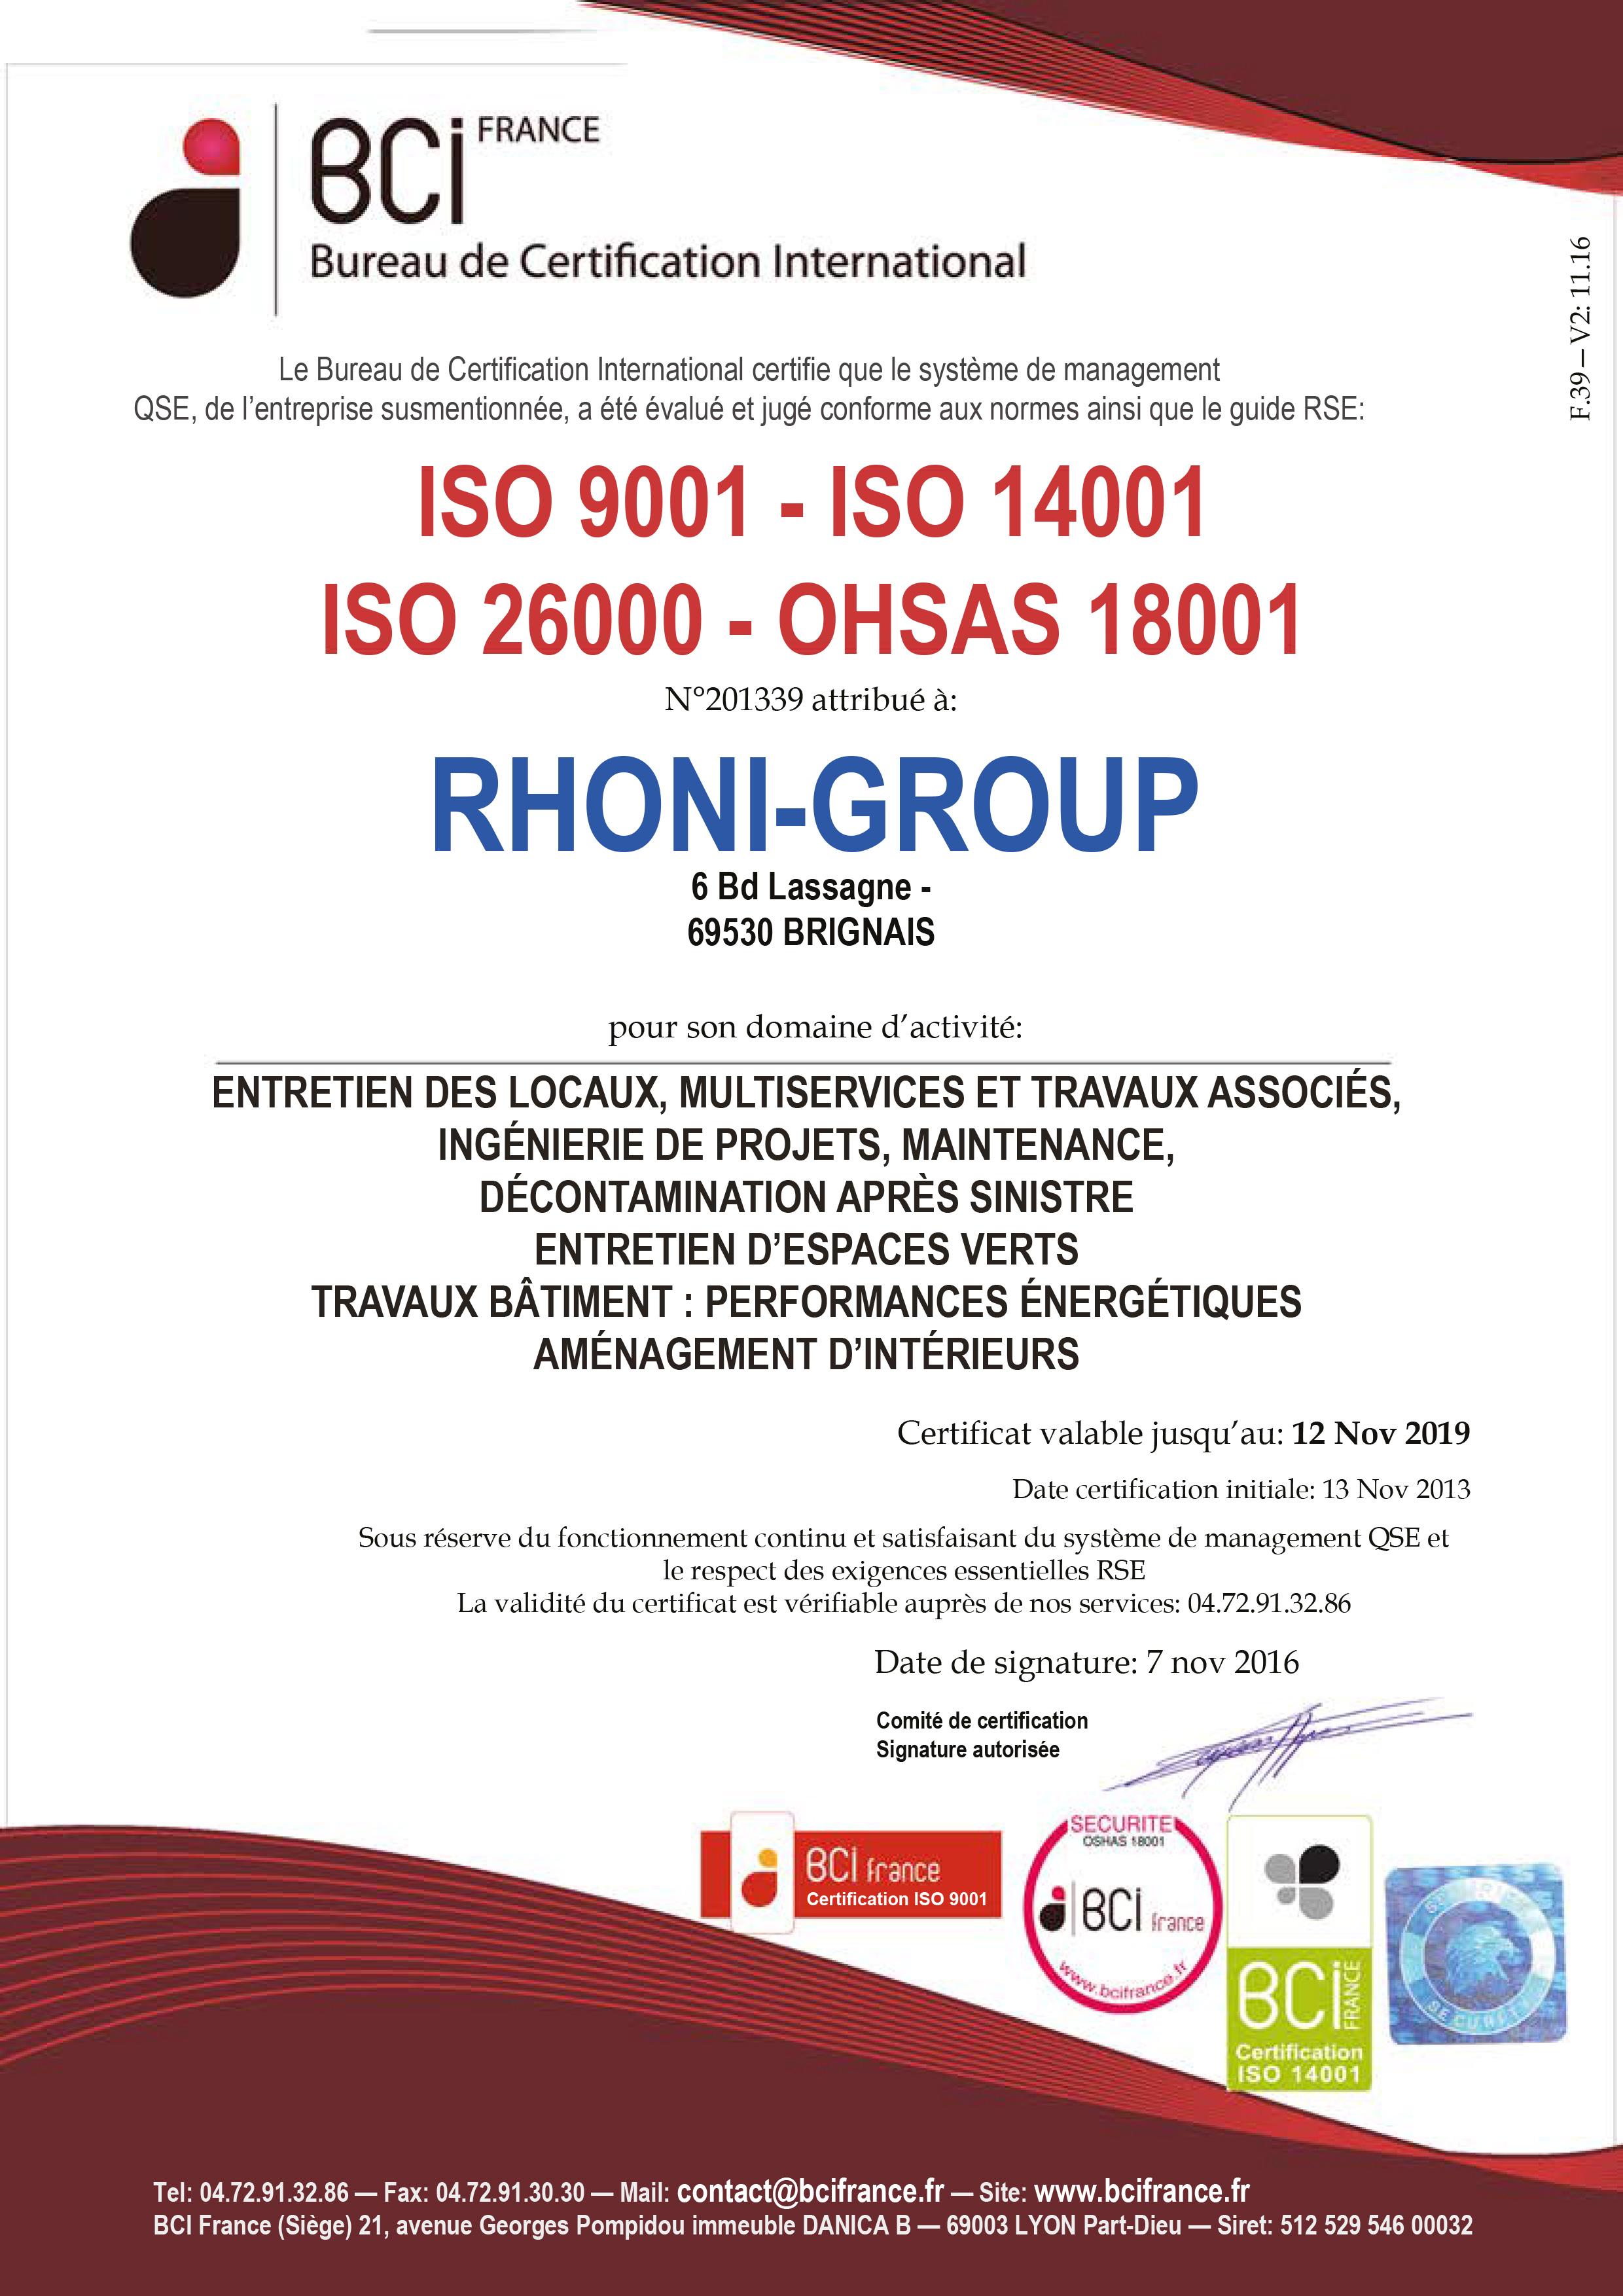 Certificat BCI 2013-2016